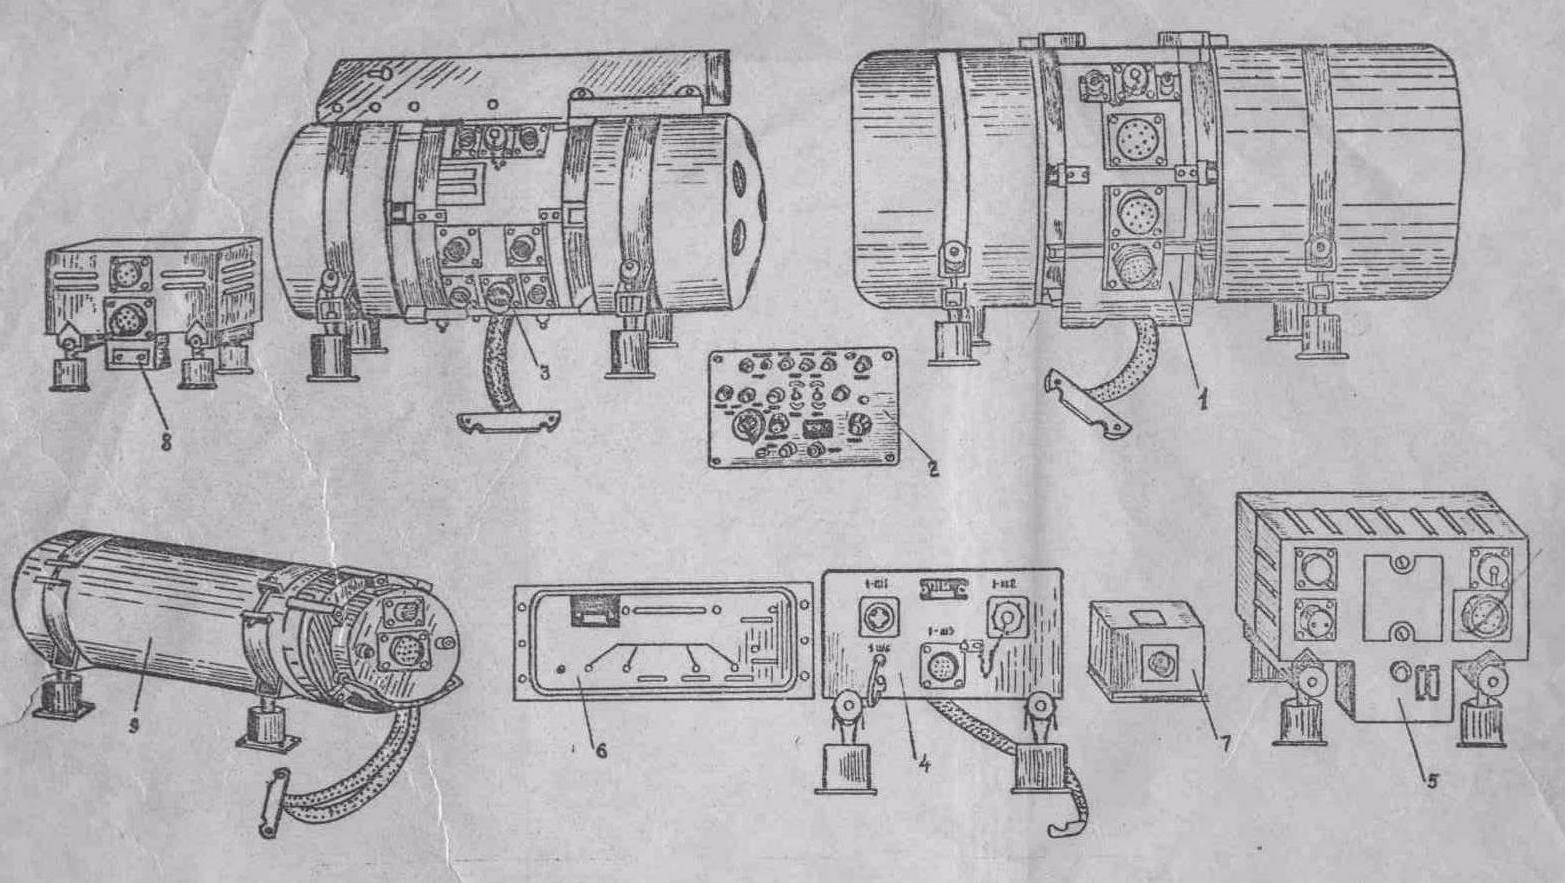 схема подключения спу-7 к радиостанции